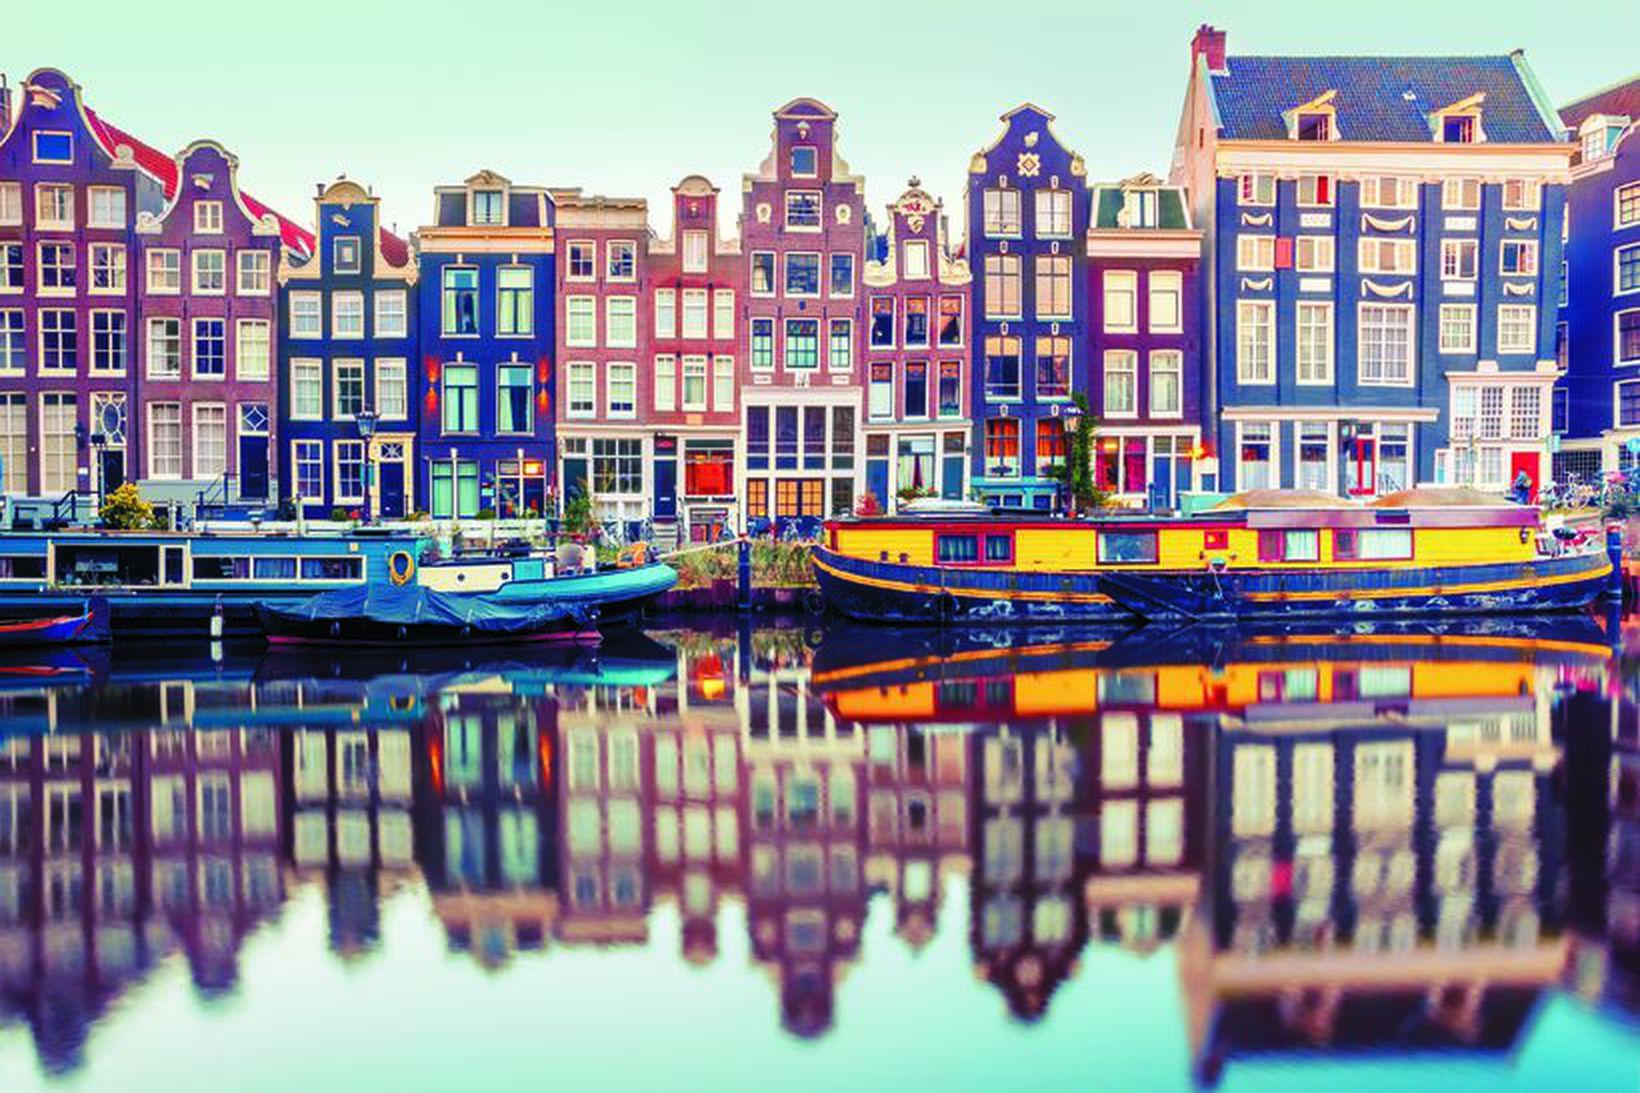 Amsterdam er einstaklega falleg borg með sínum gömlu mjóu húsum, …